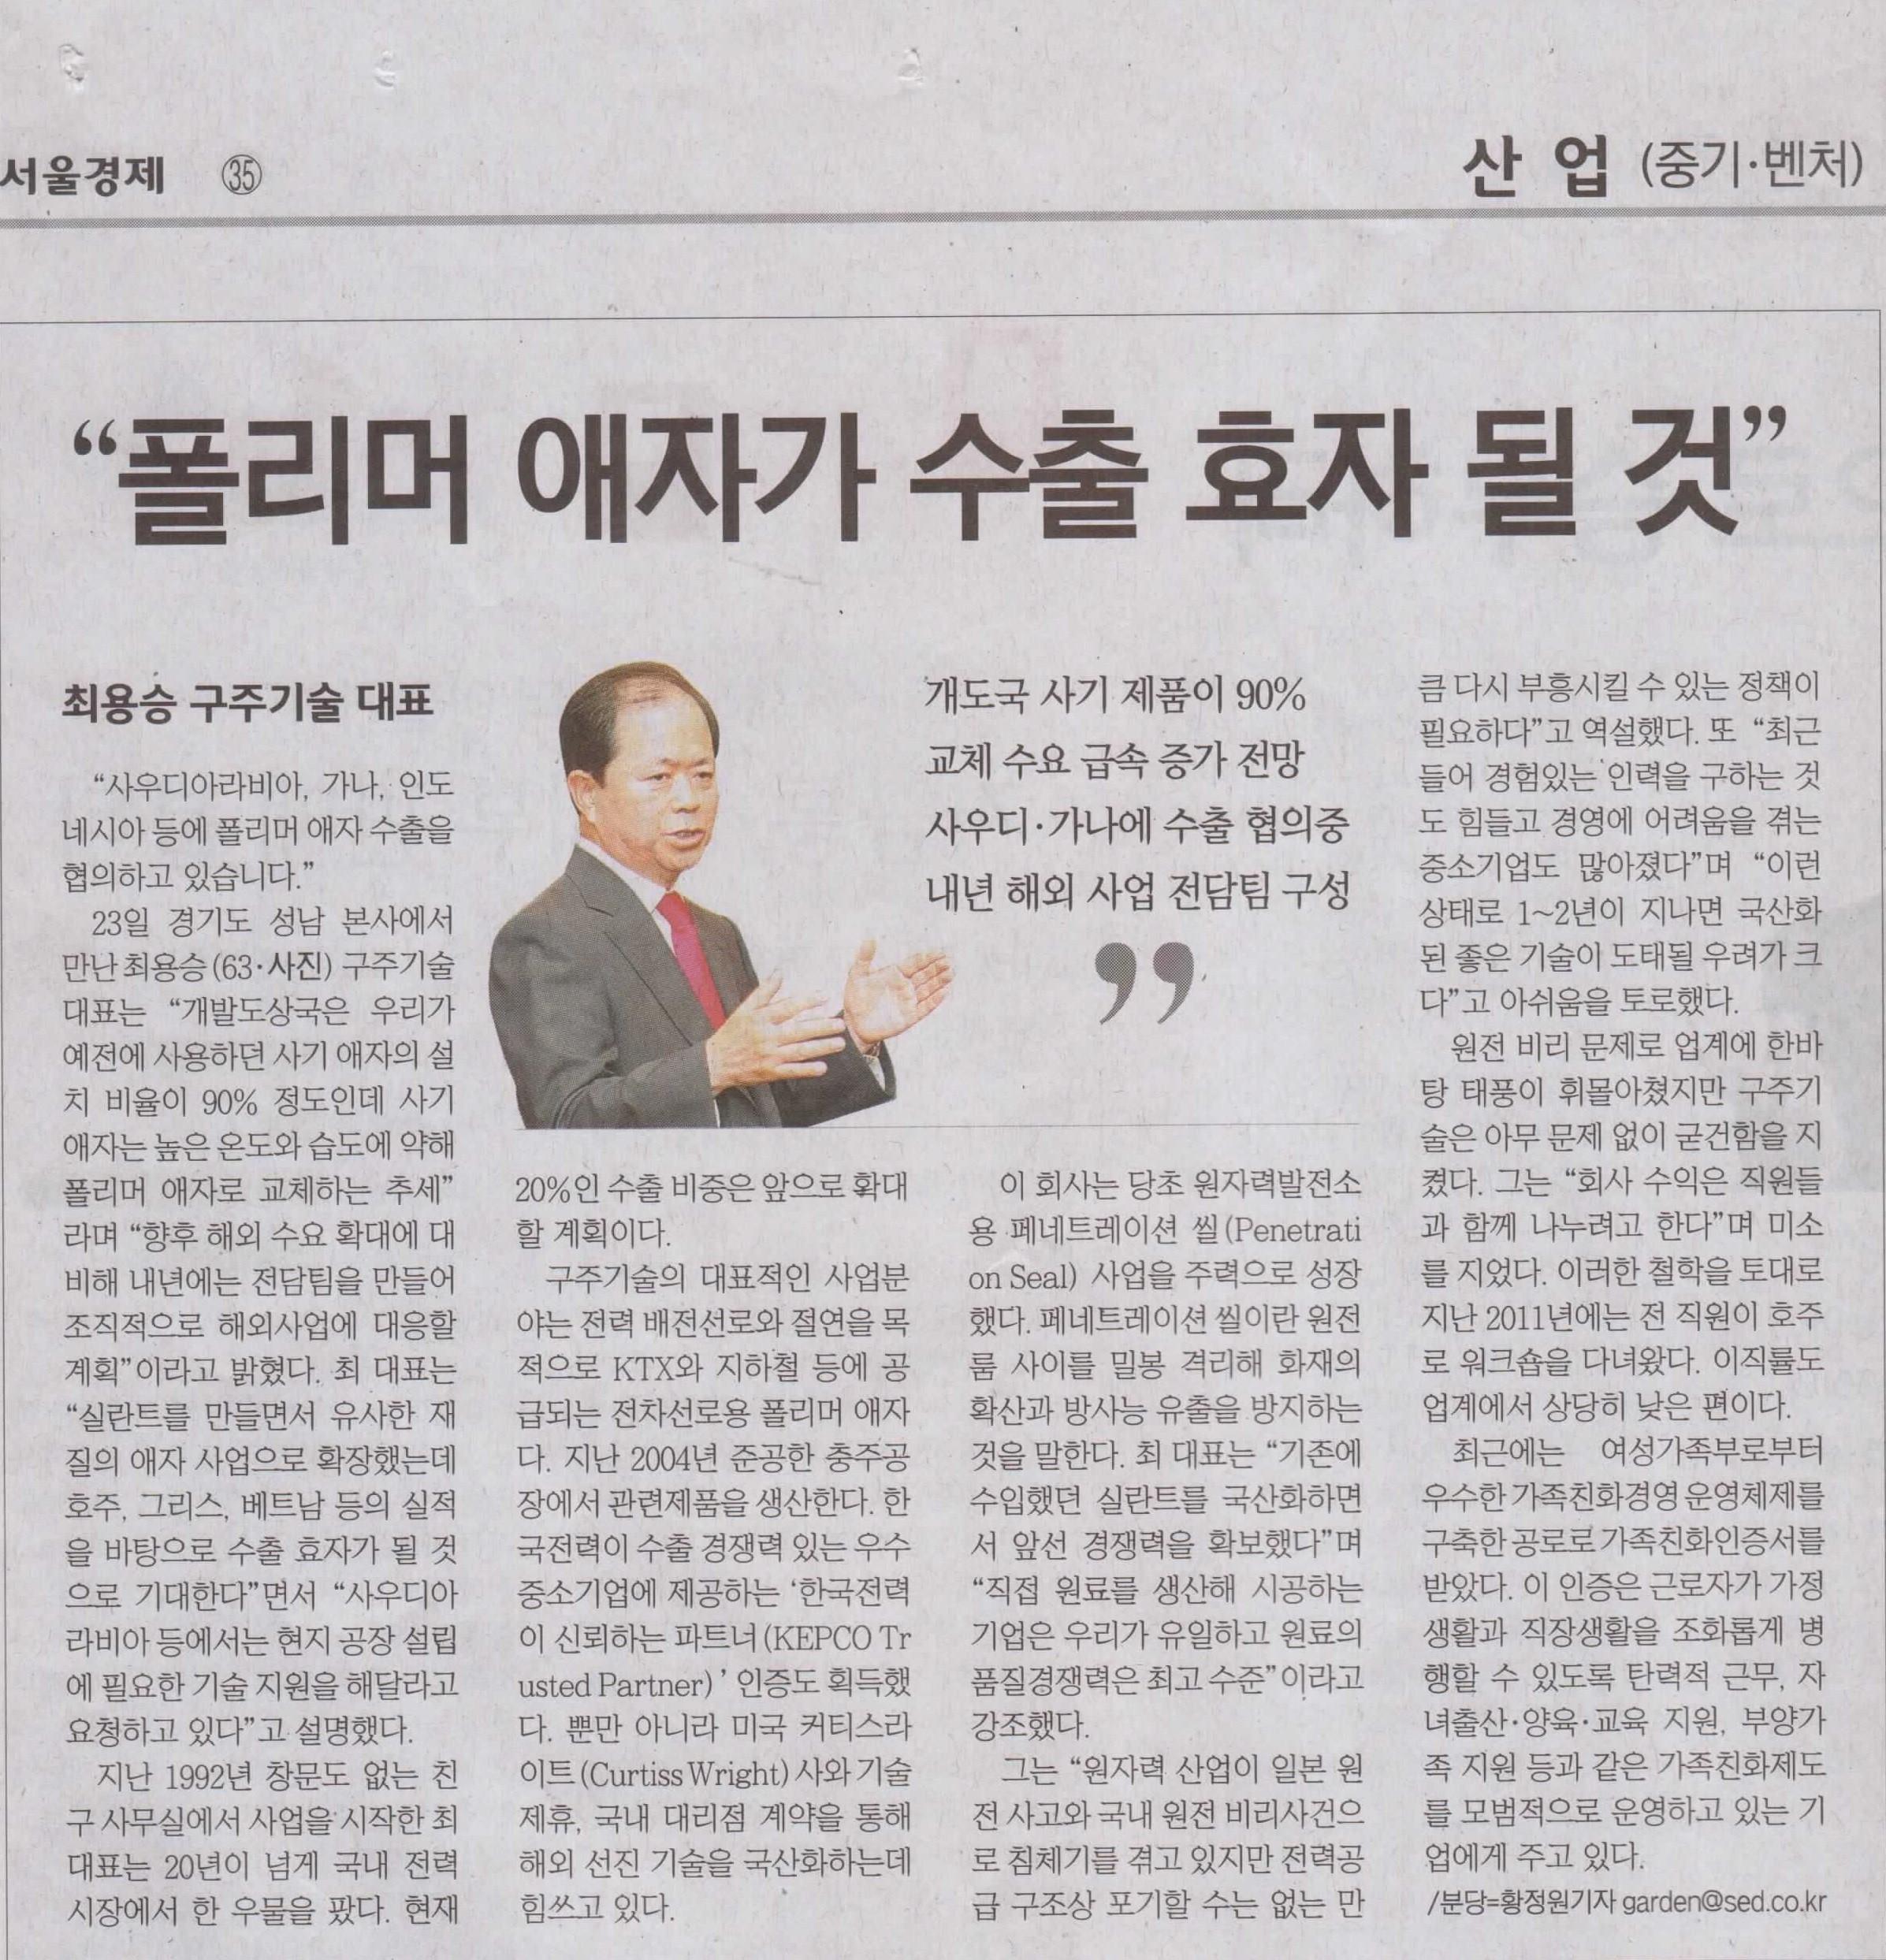 서울경제보도자료(신문판).jpg